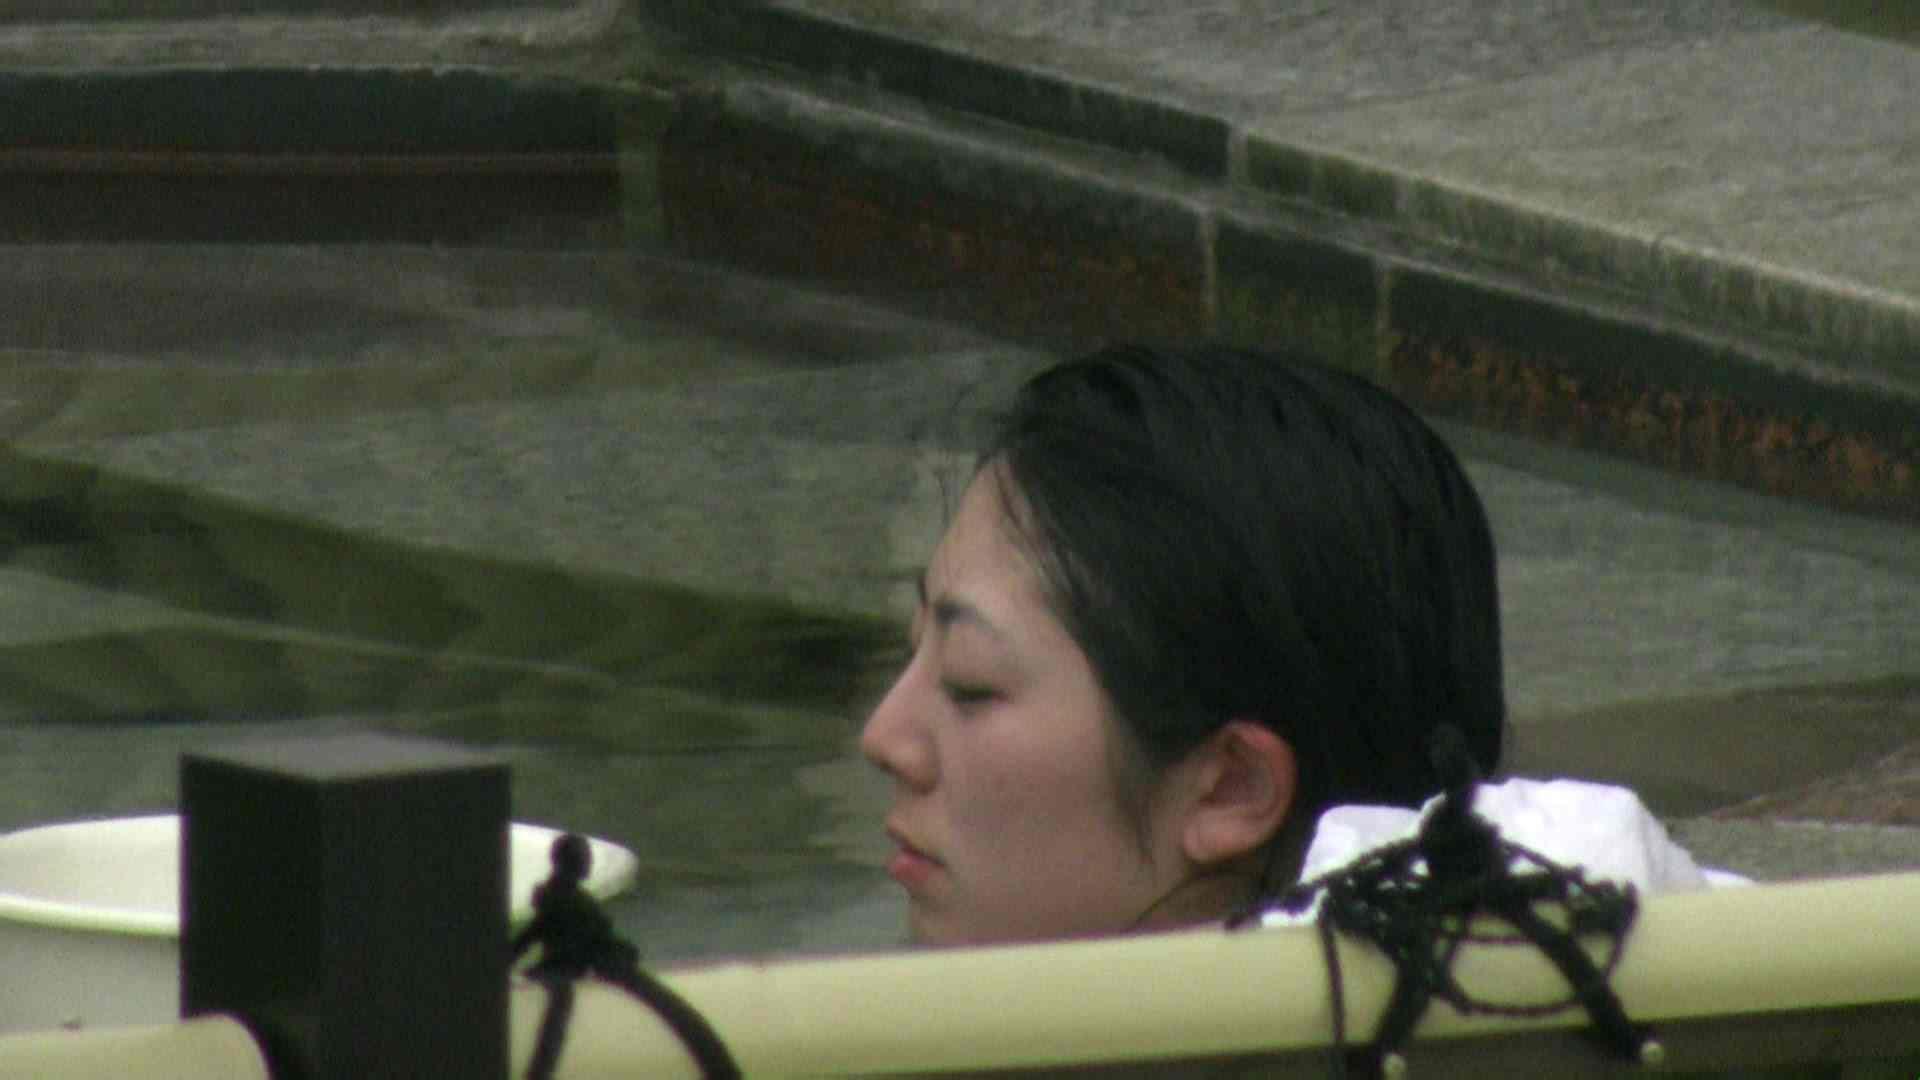 Aquaな露天風呂Vol.04 0  84pic 15